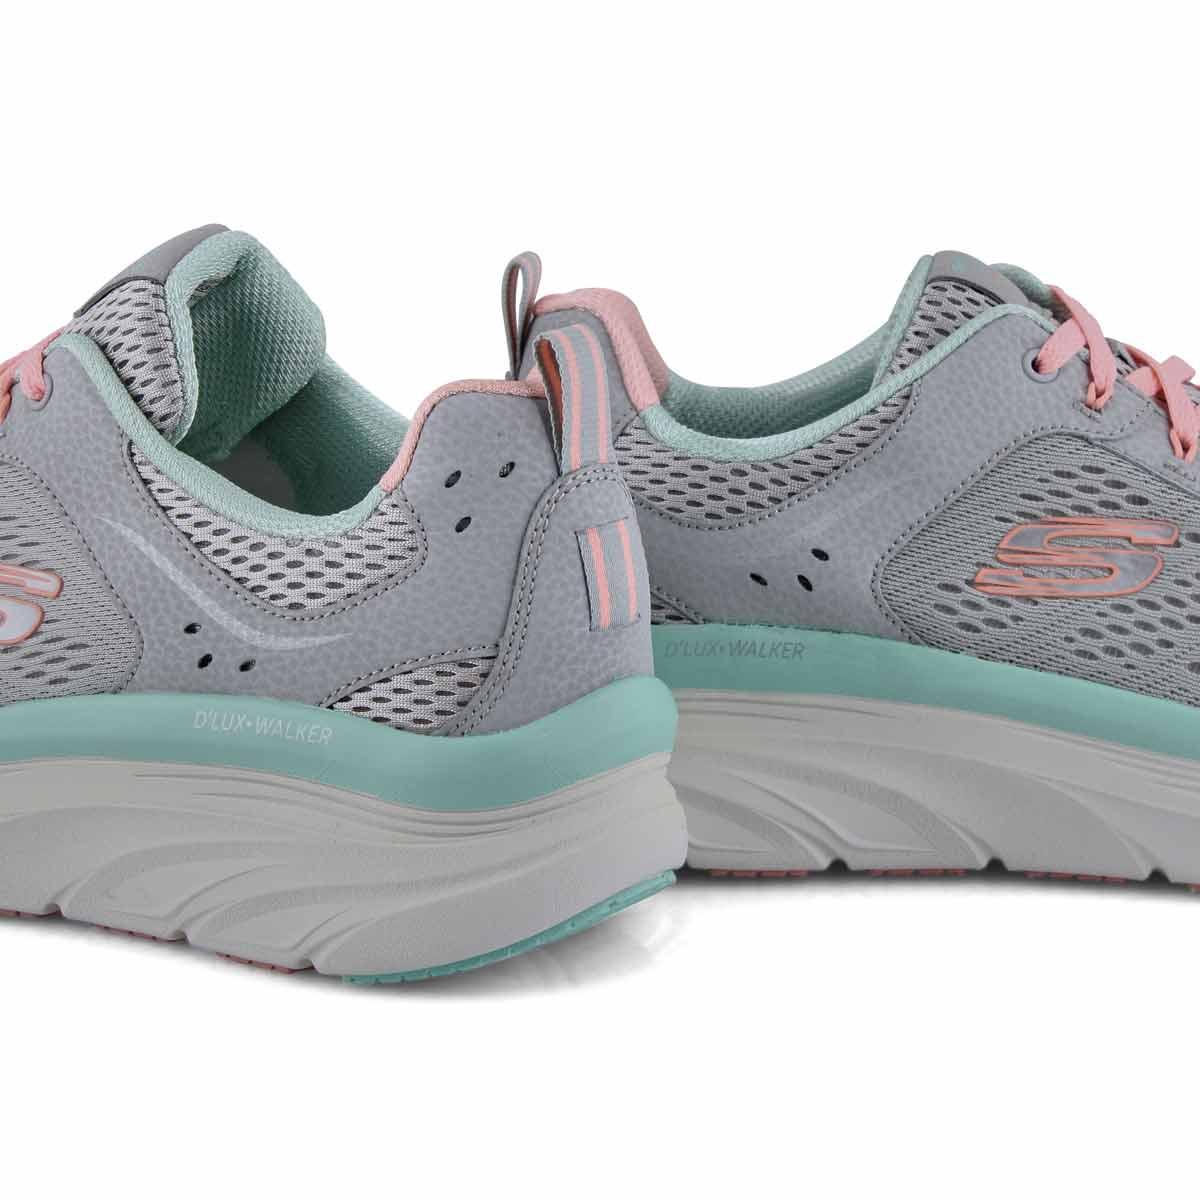 Women's D'Lux Walker Infinite Motion Sneaker - Gry